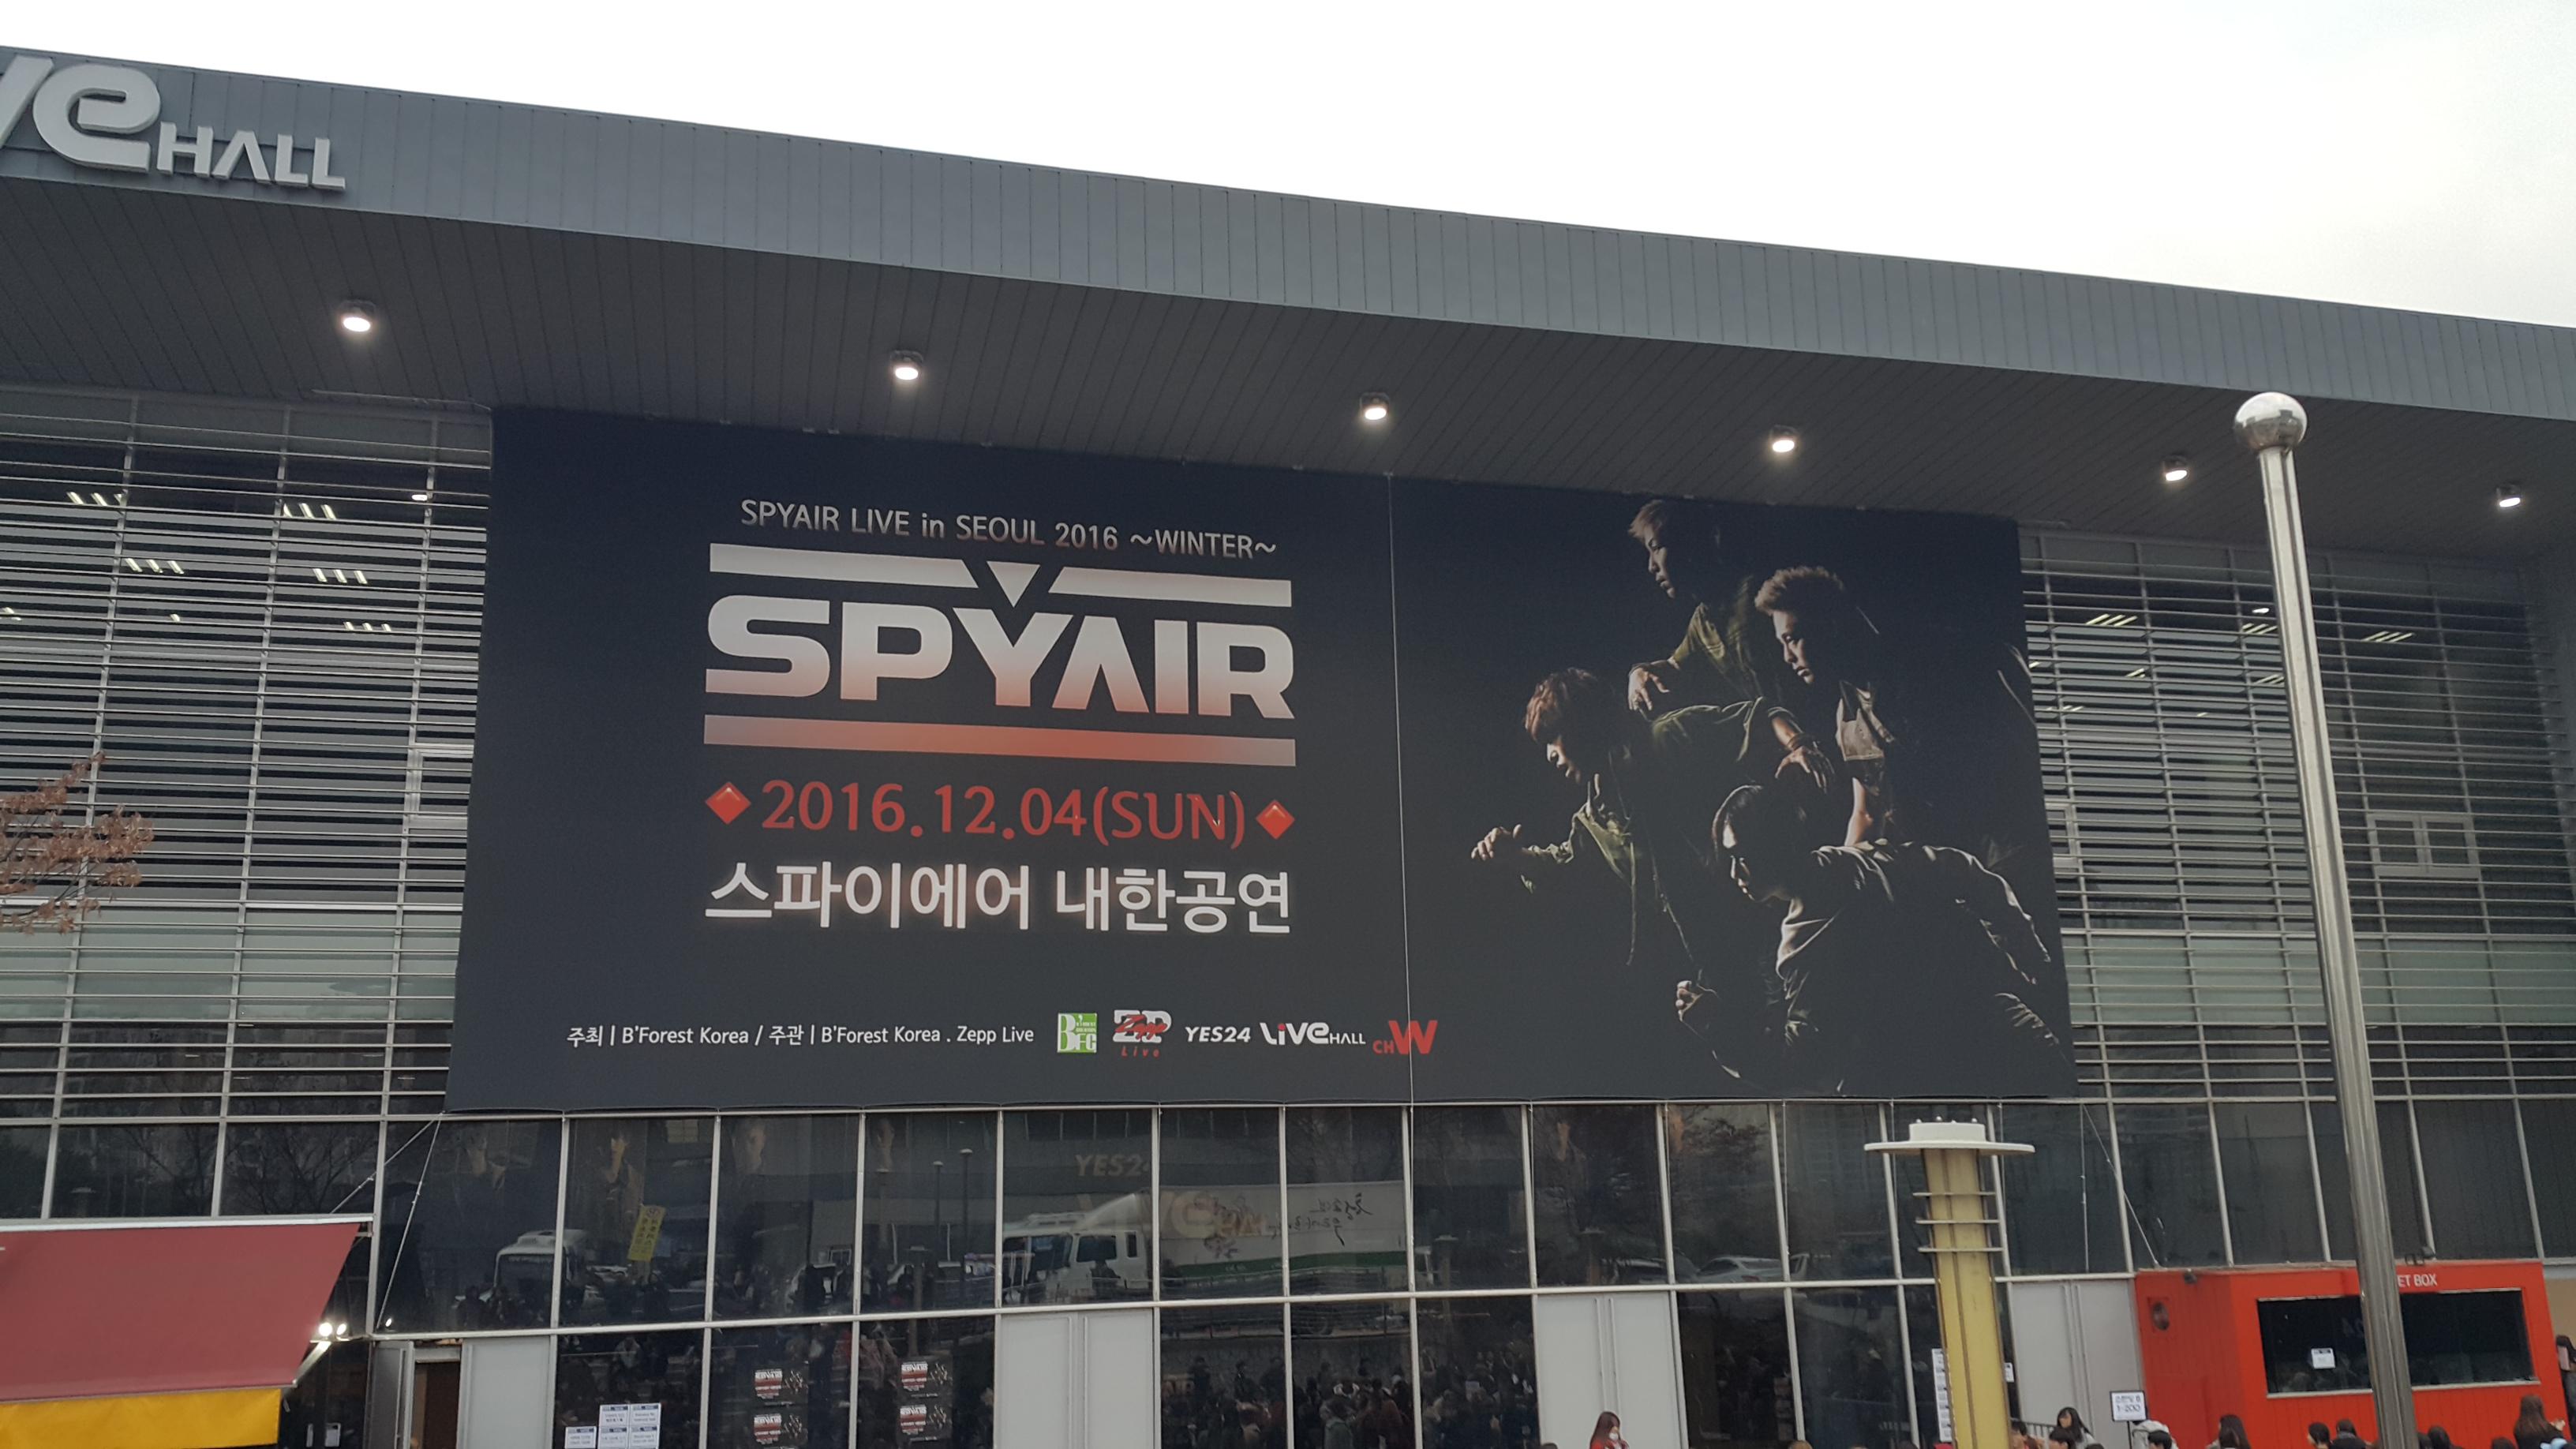 2016년 12월 4일 예스라이브홀에서 SPYAIR LIVE in ..